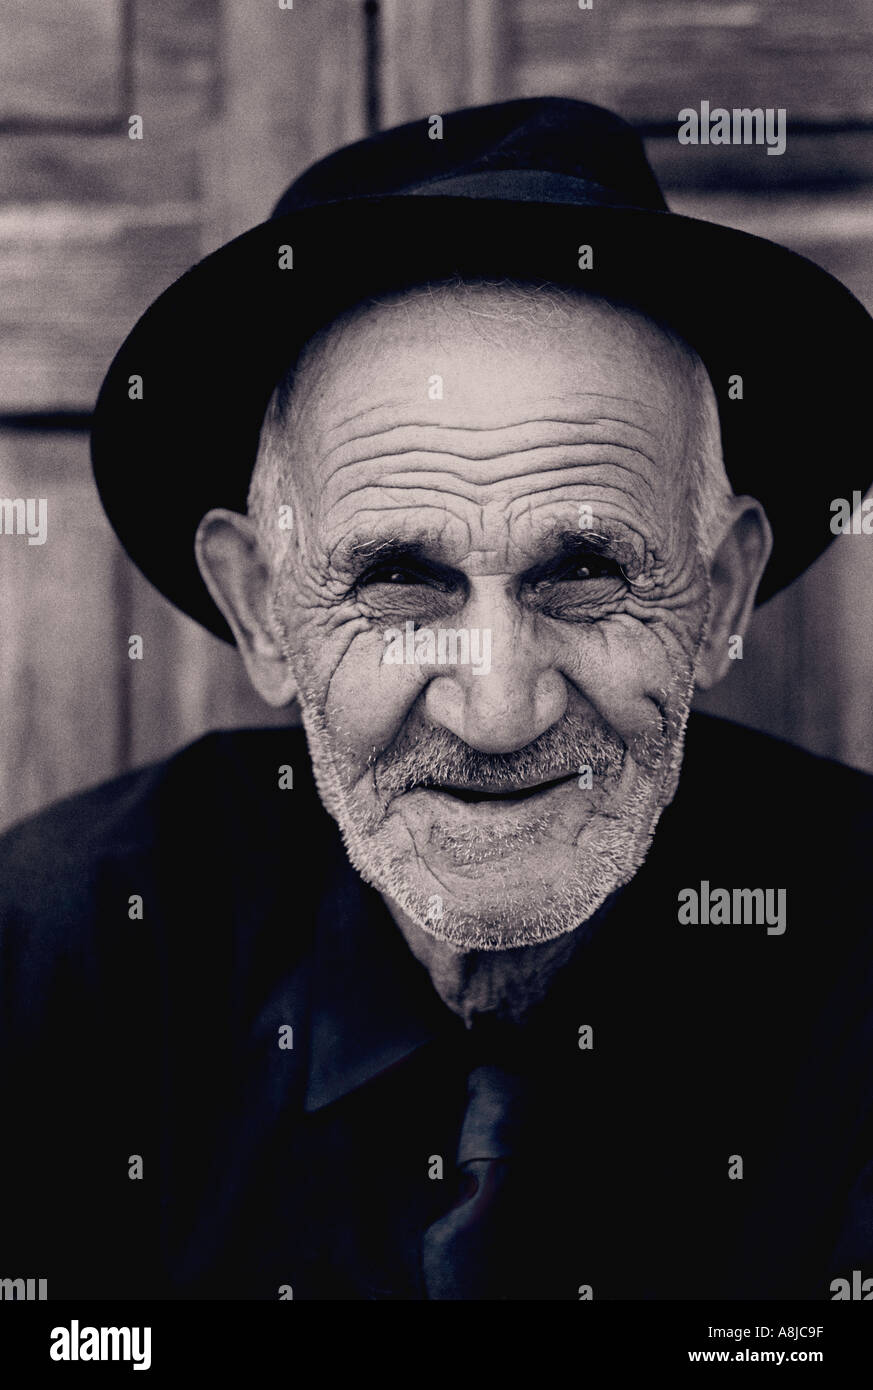 B+W caractères étude portrait de professionnels personnes âgées Secteur de gentleman à Vegueta, Las Palmas, Îles Canaries Espagne Photo Stock